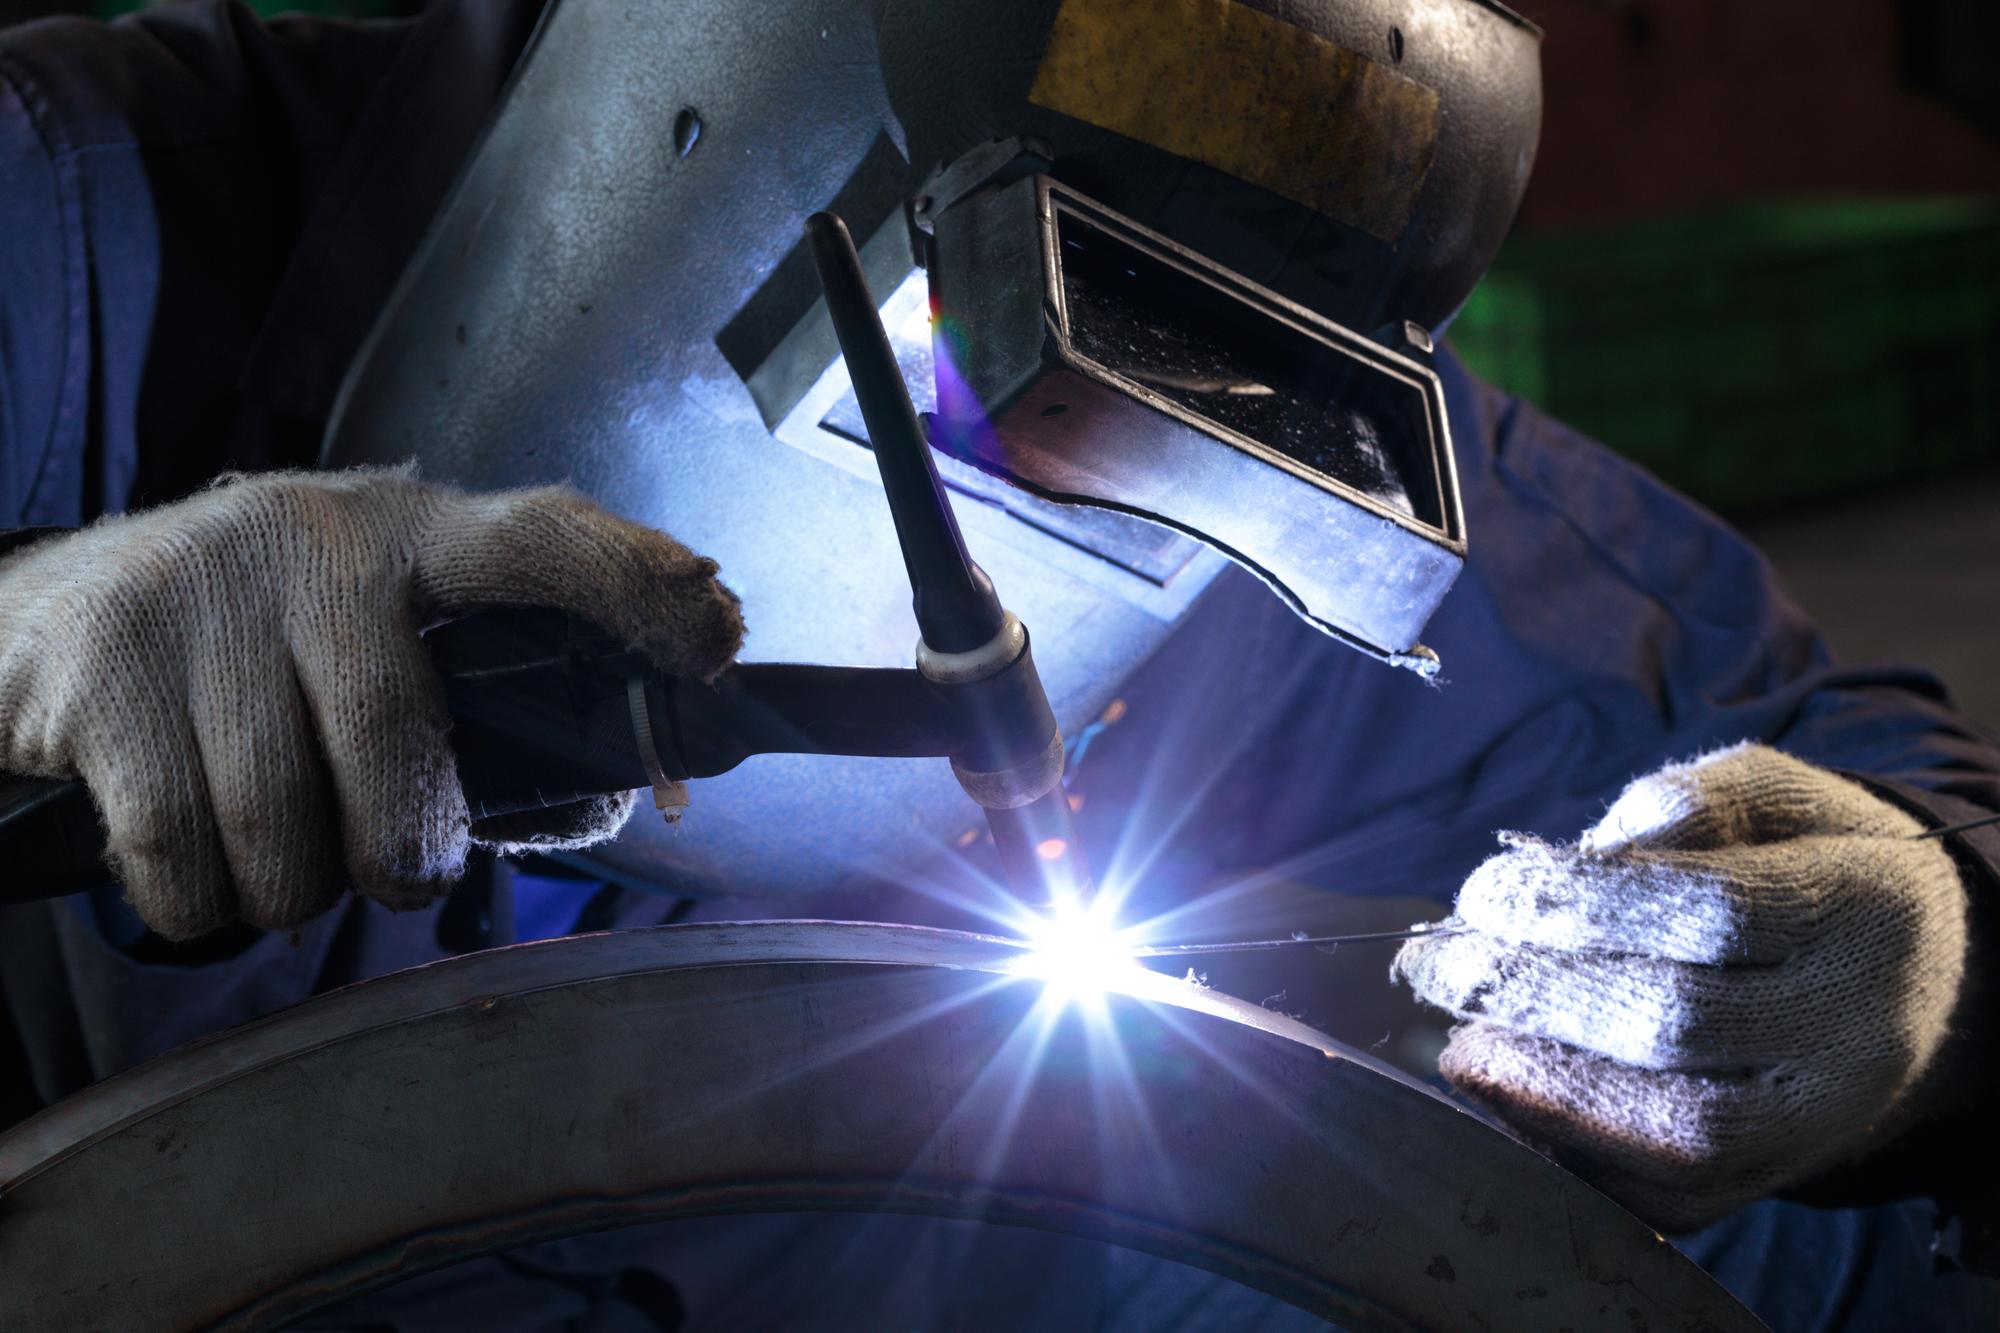 professional welder welding metal part